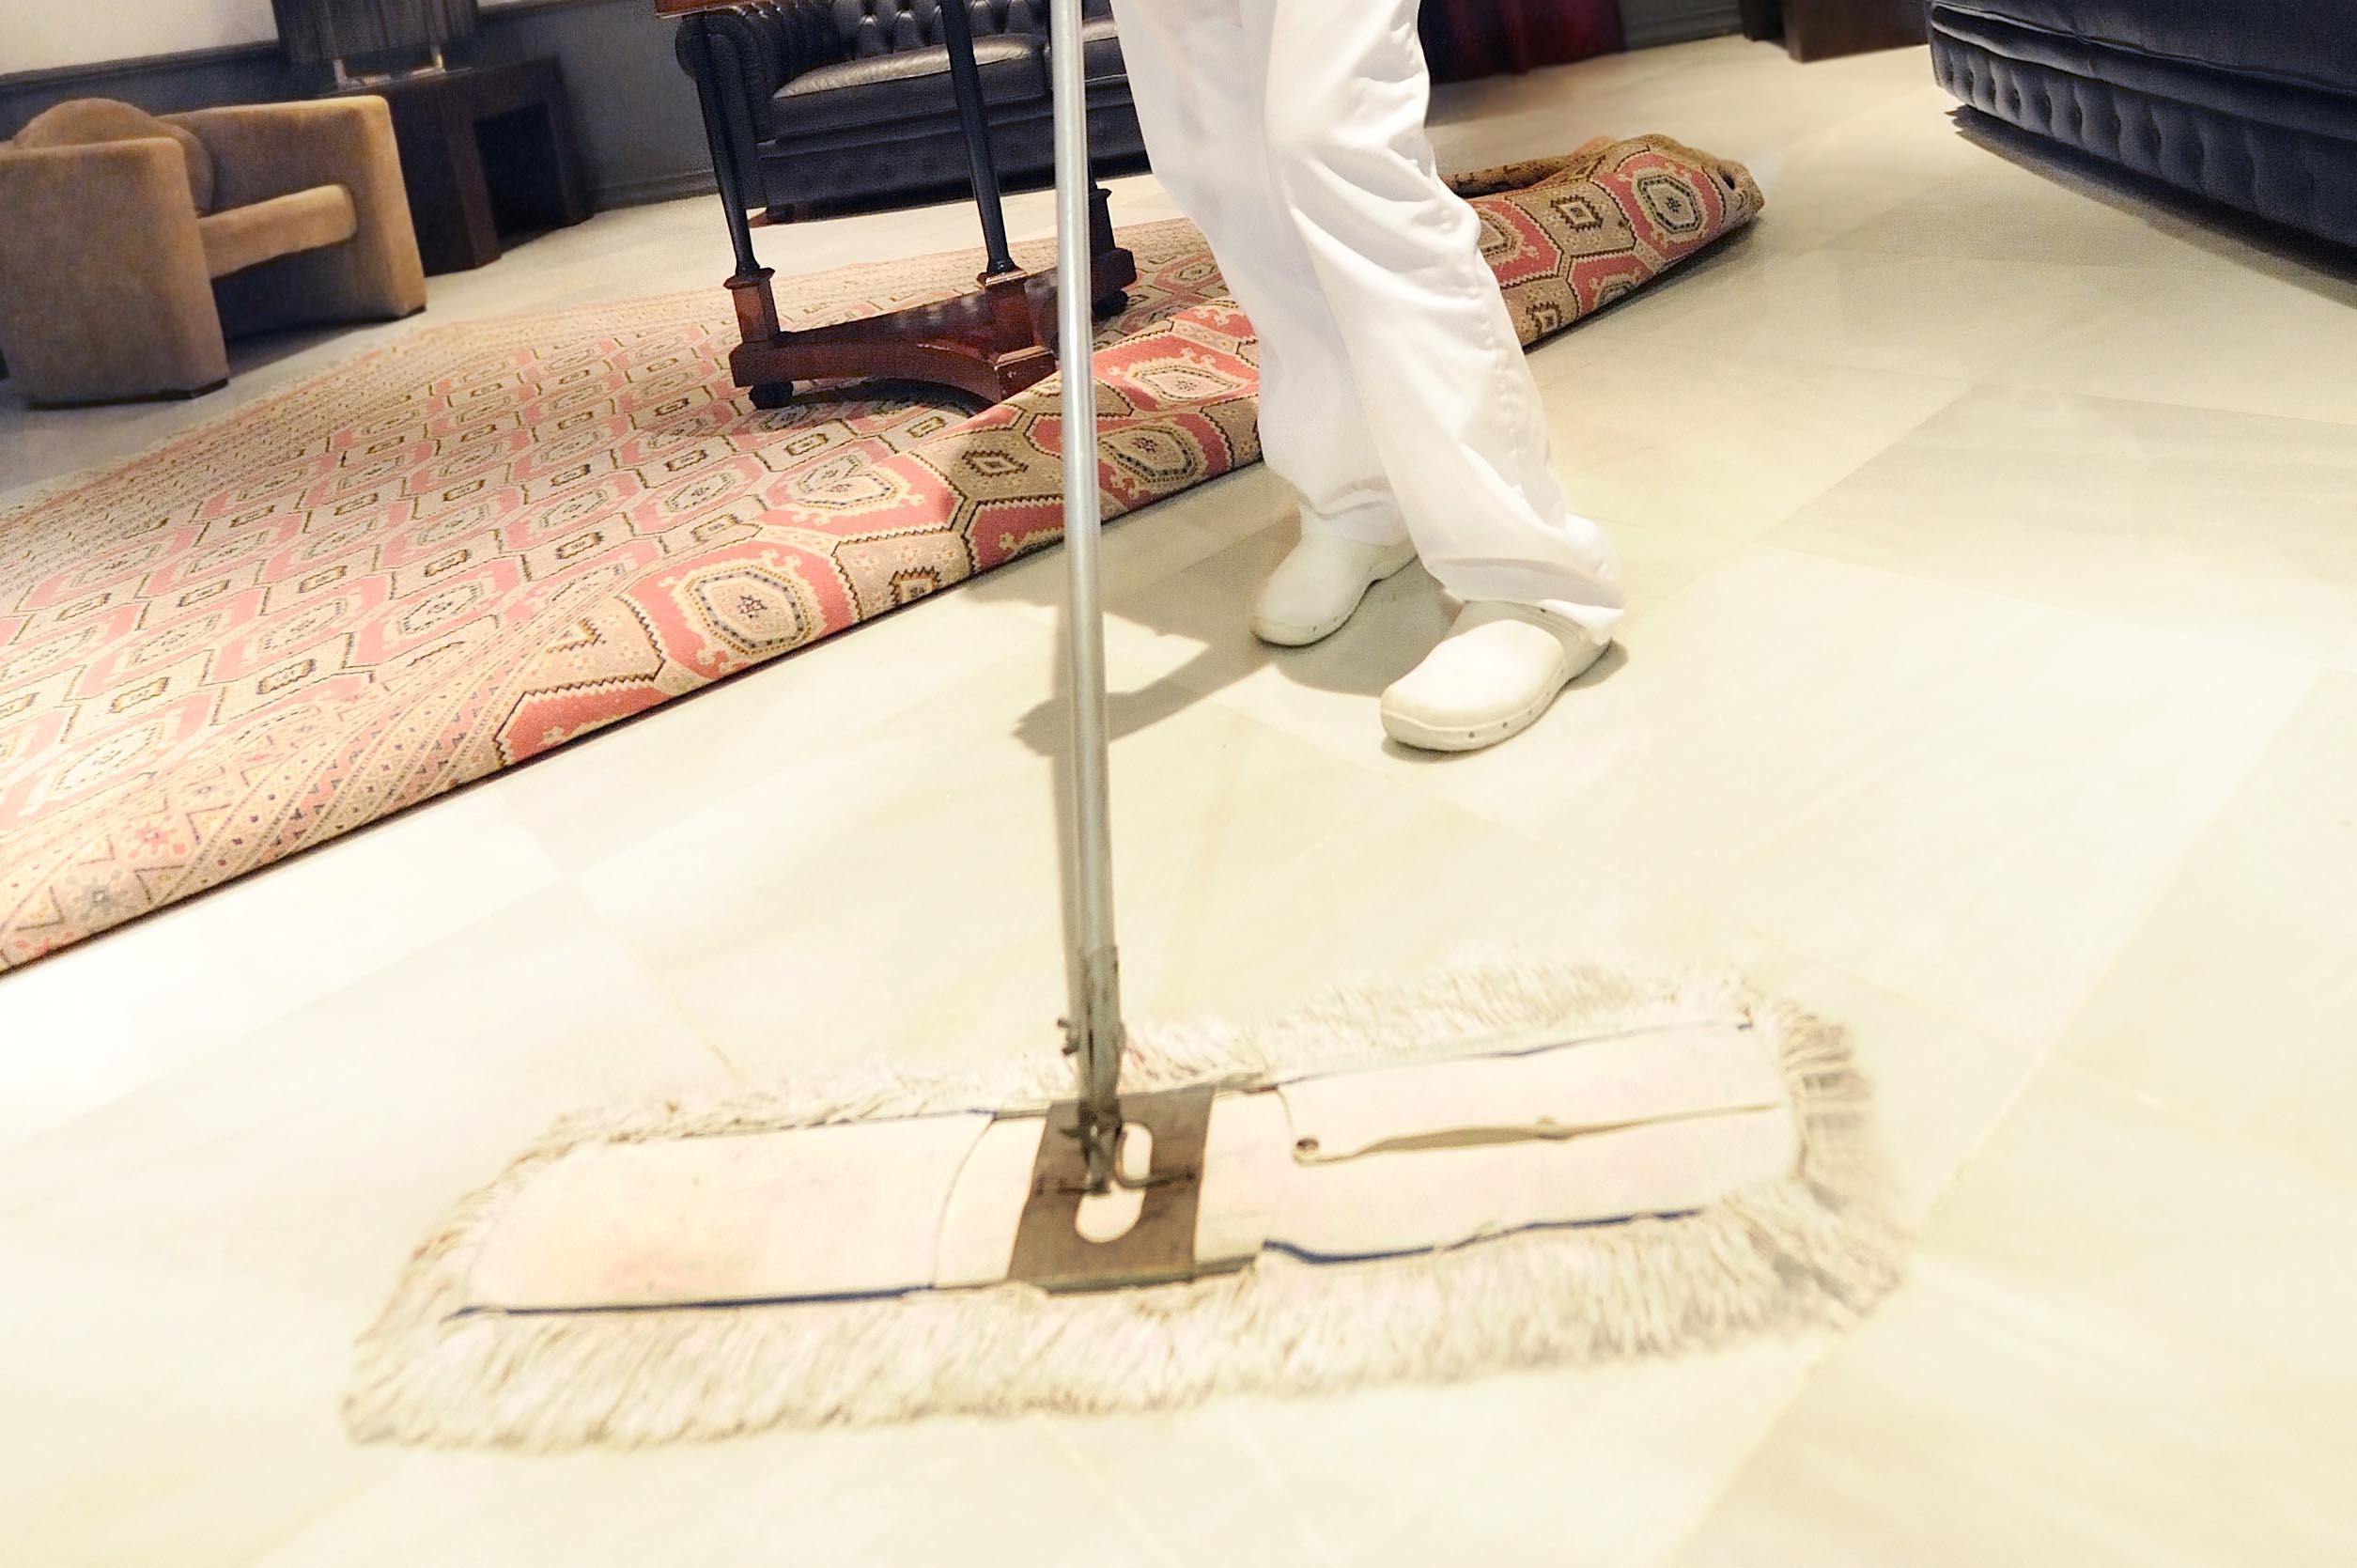 empresa limpieza de hogares